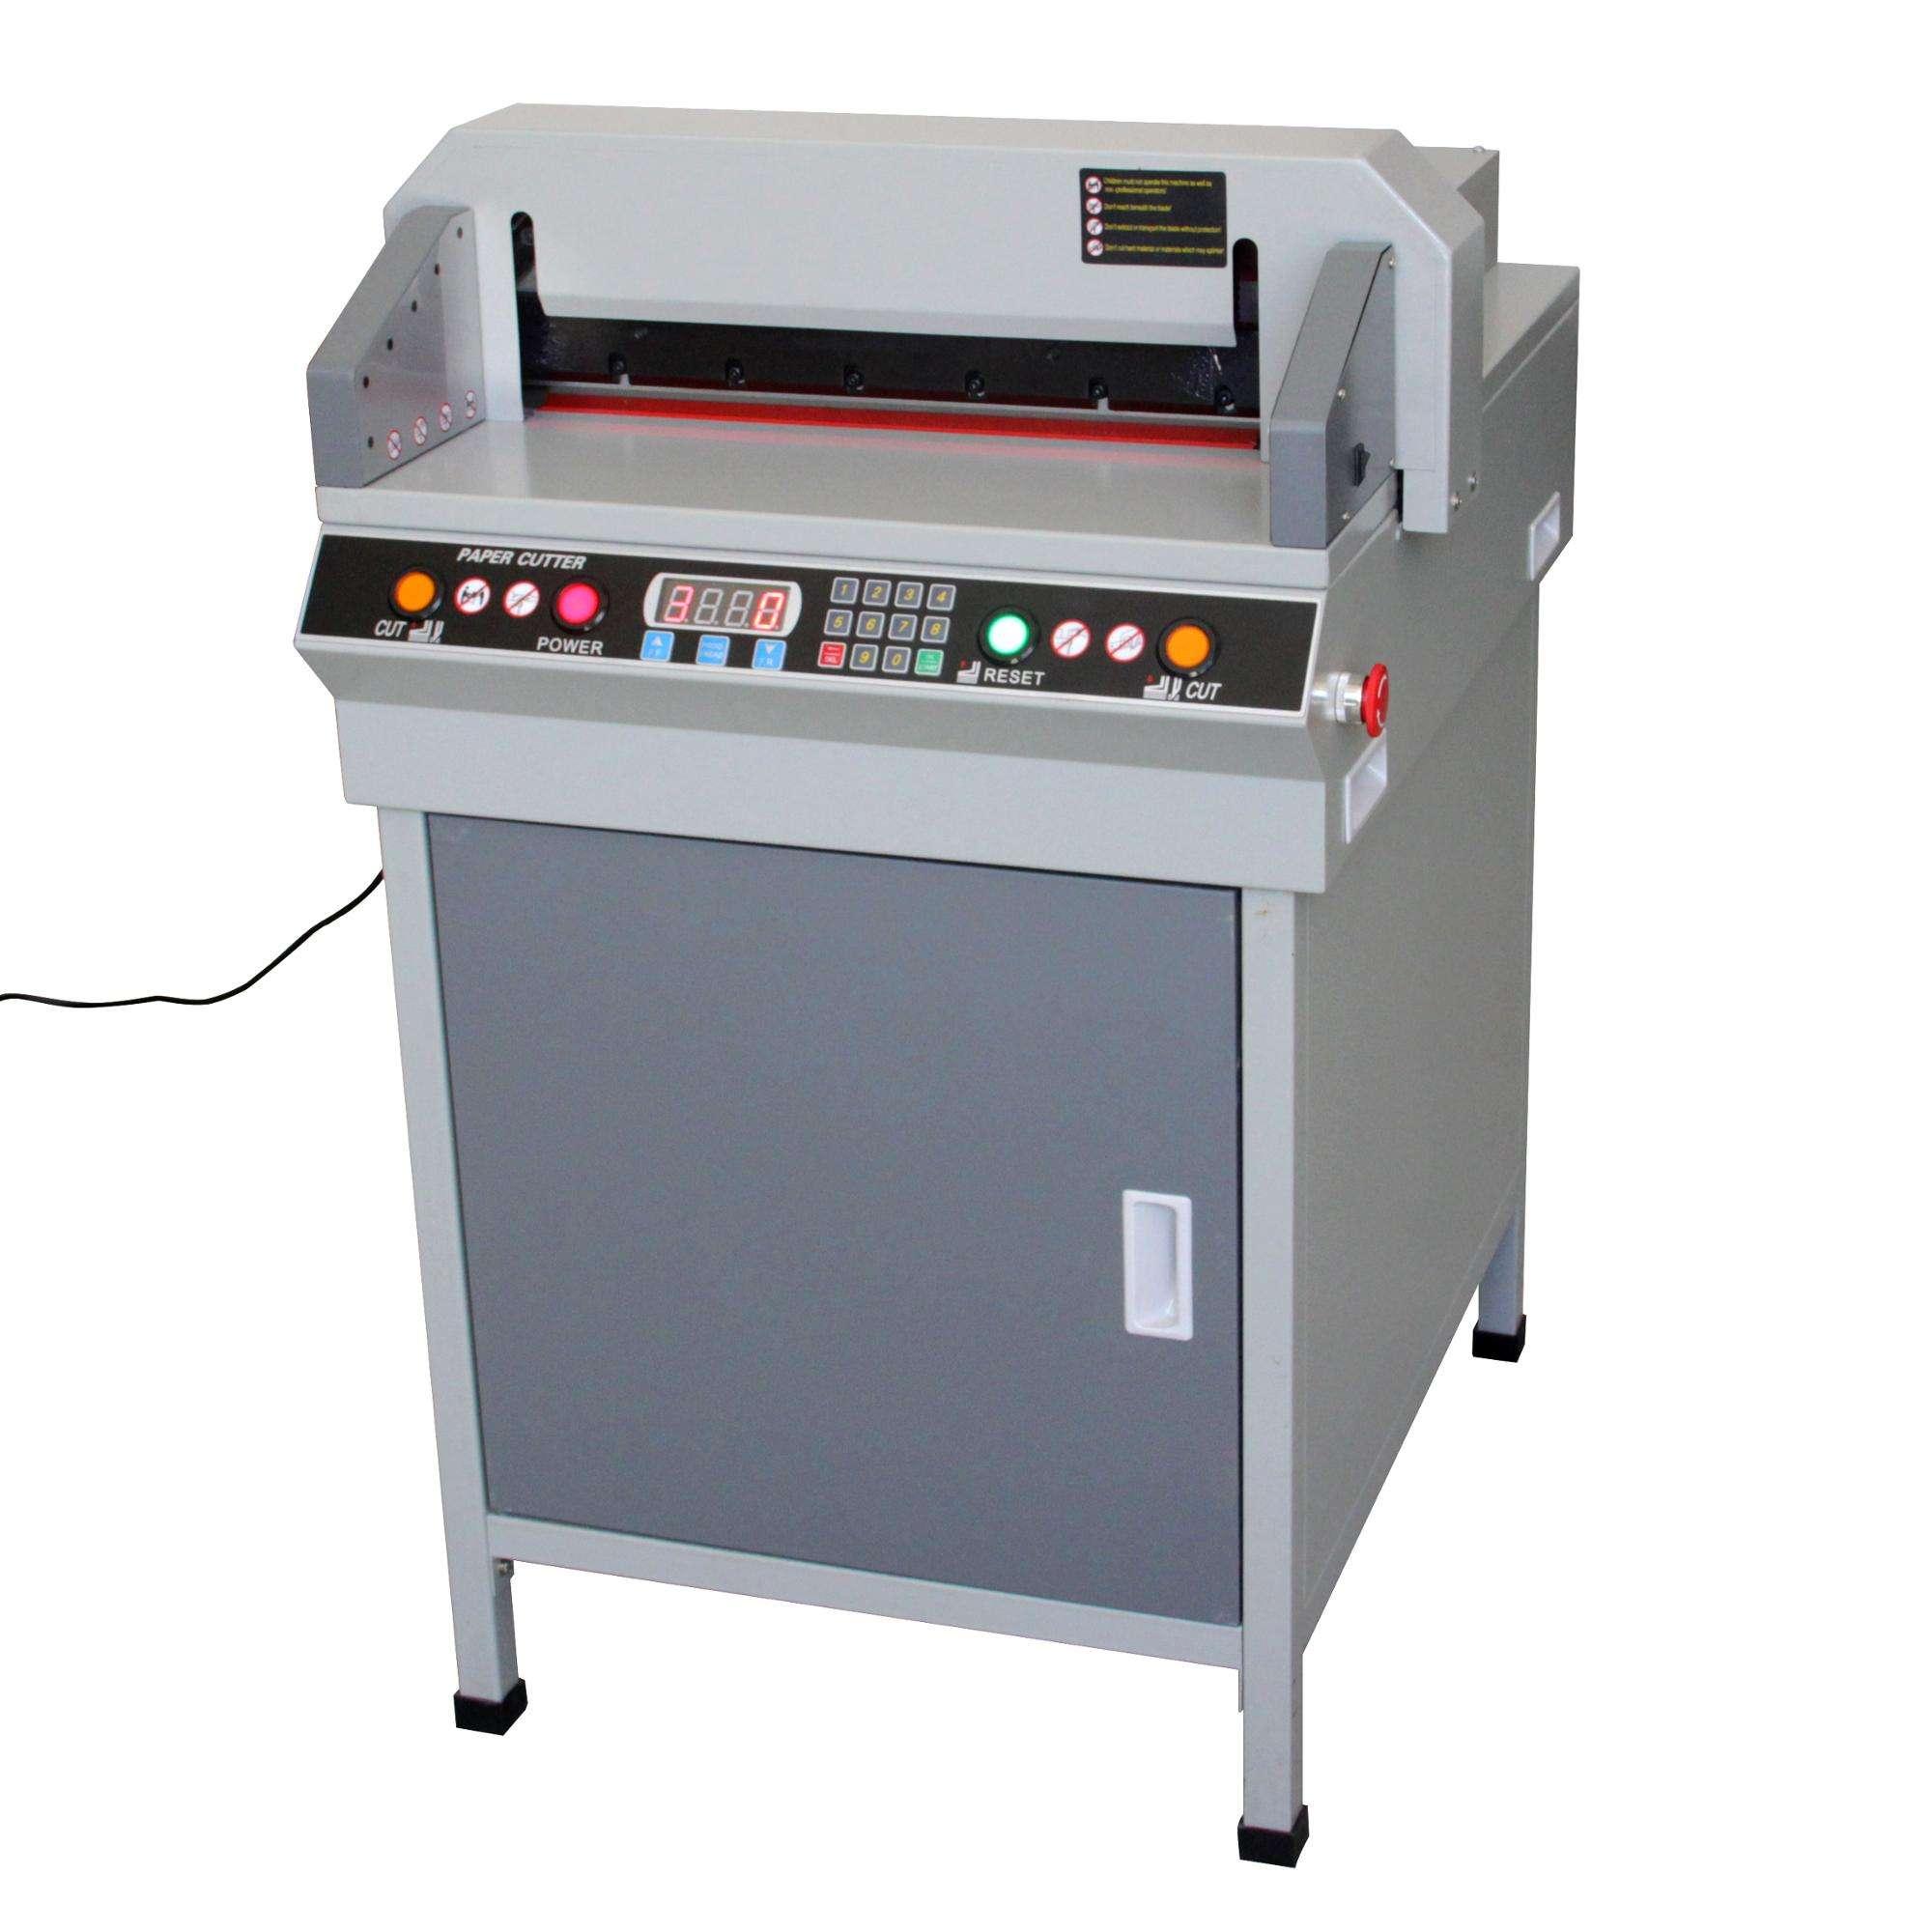 Chine contrôle Numérique électrique papier mignon (WD-450VSG +)